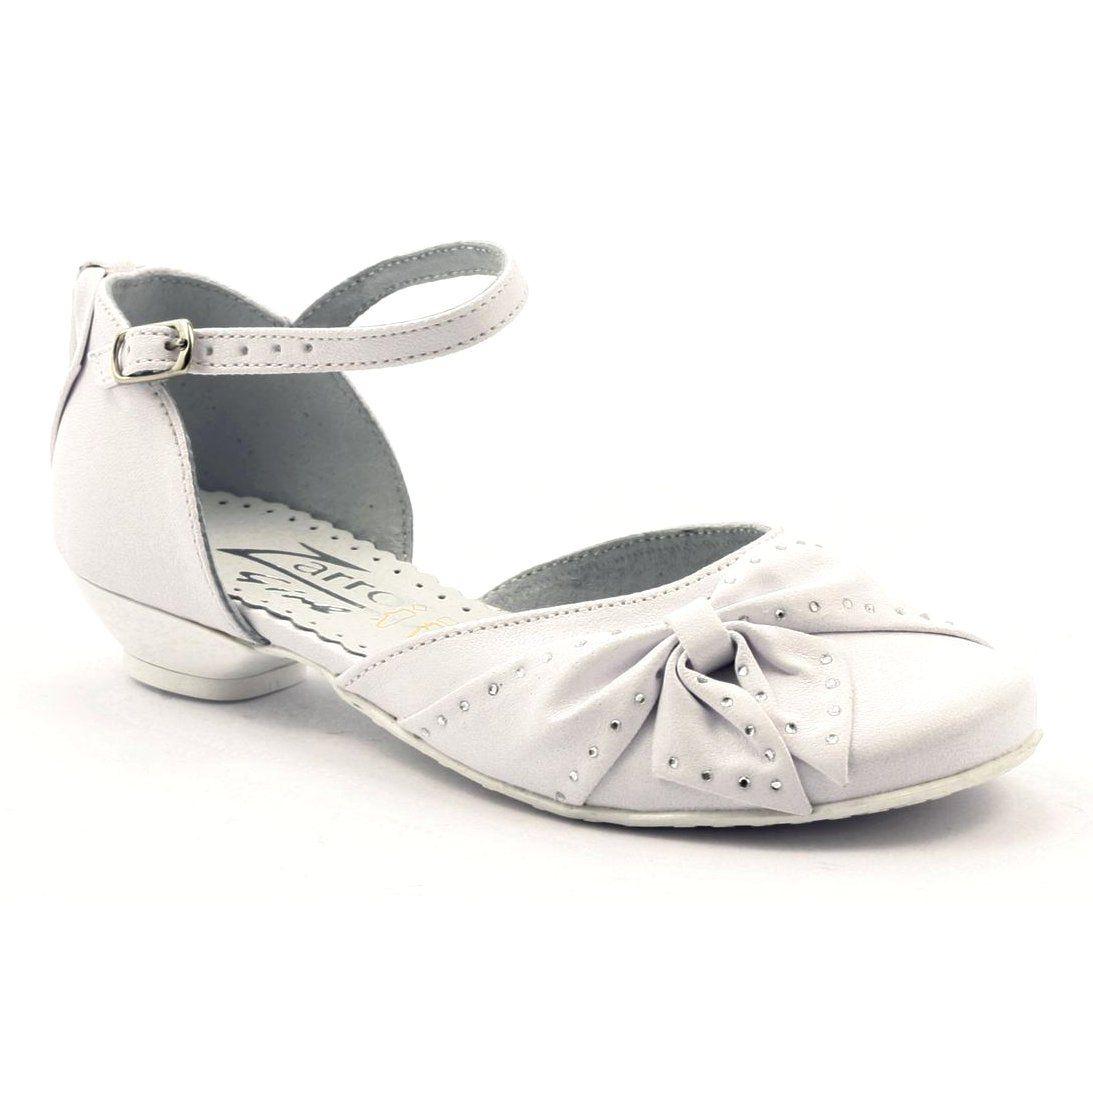 Zarro Buty Dzieciece Czolenka Komunijne Dziewczece Biale Baby Shoes Shoes Fashion